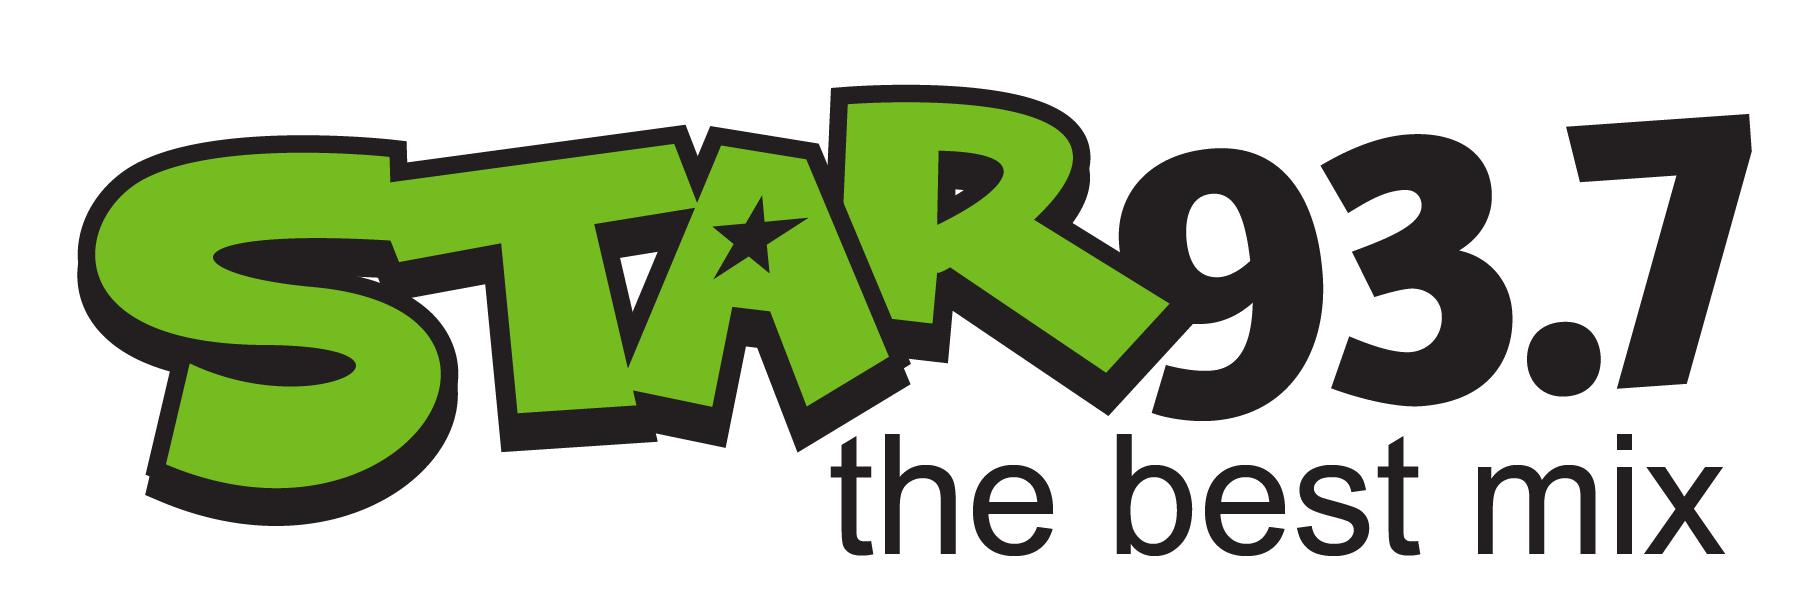 2_glow_star_937_logo_2019